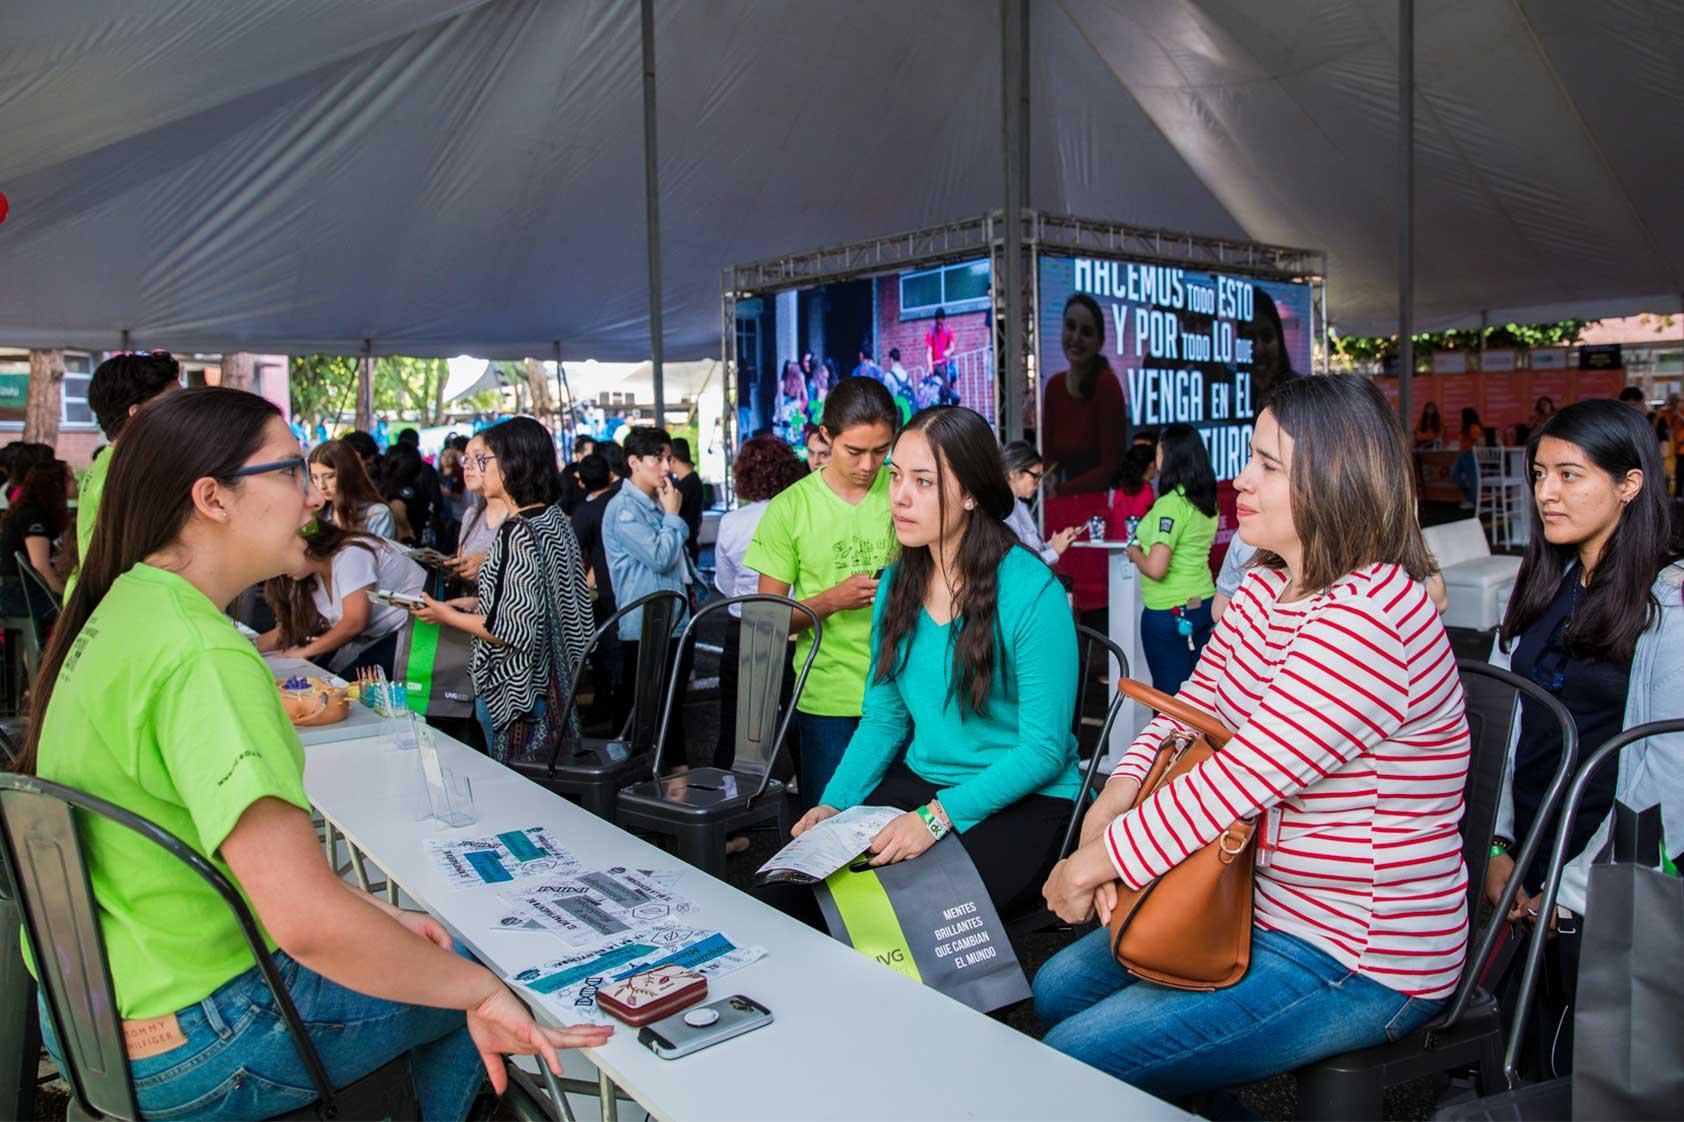 UVG recibió a más de 2,000 visitantes en su Experiencia 2019